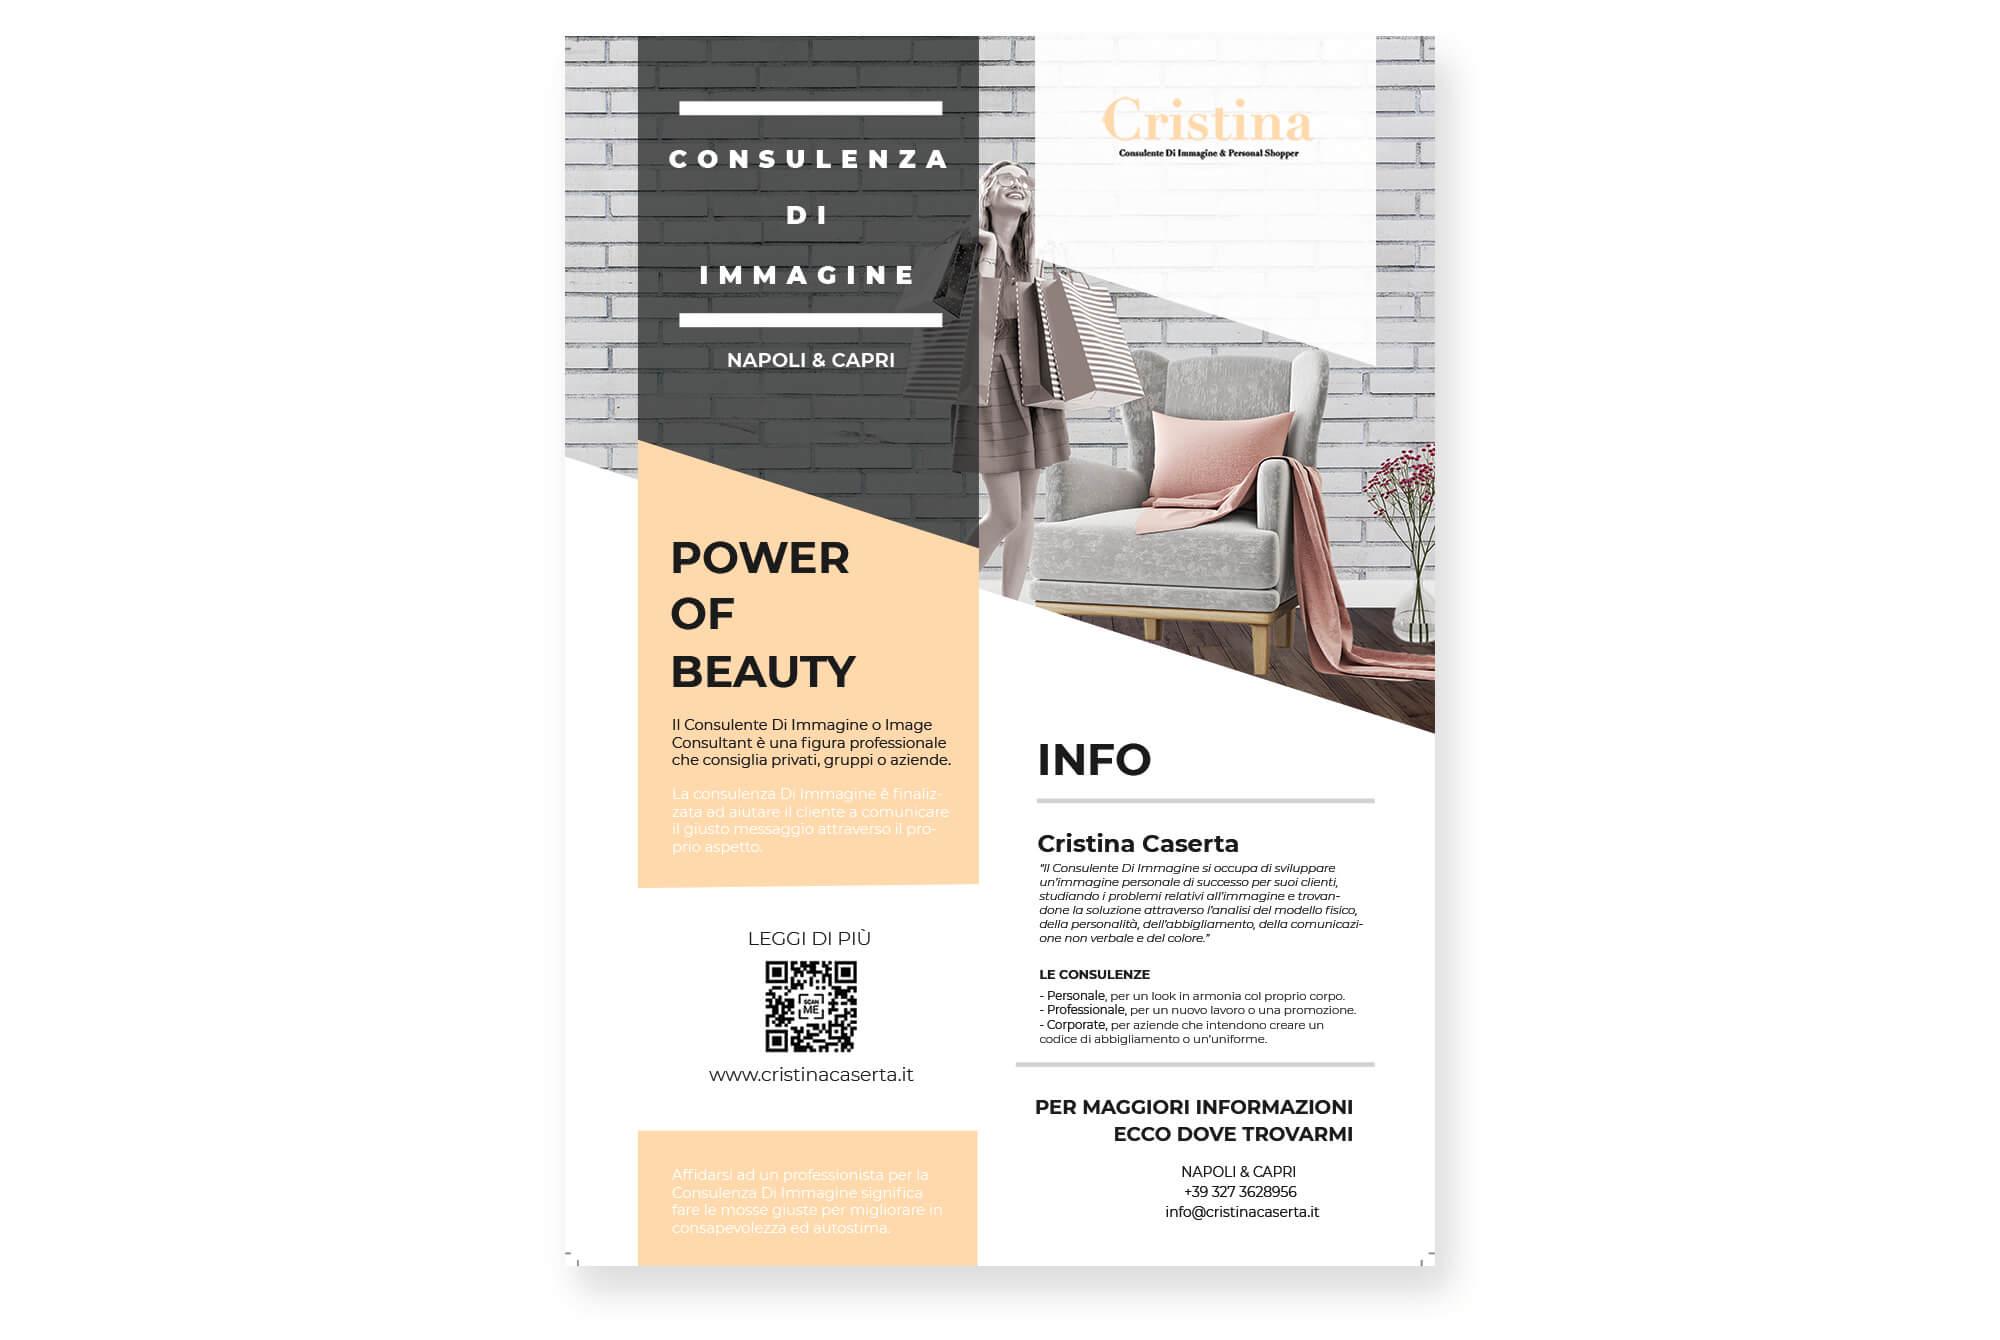 Creazione Biglietti Da Visita Pozzuoli - Brochure e Menu